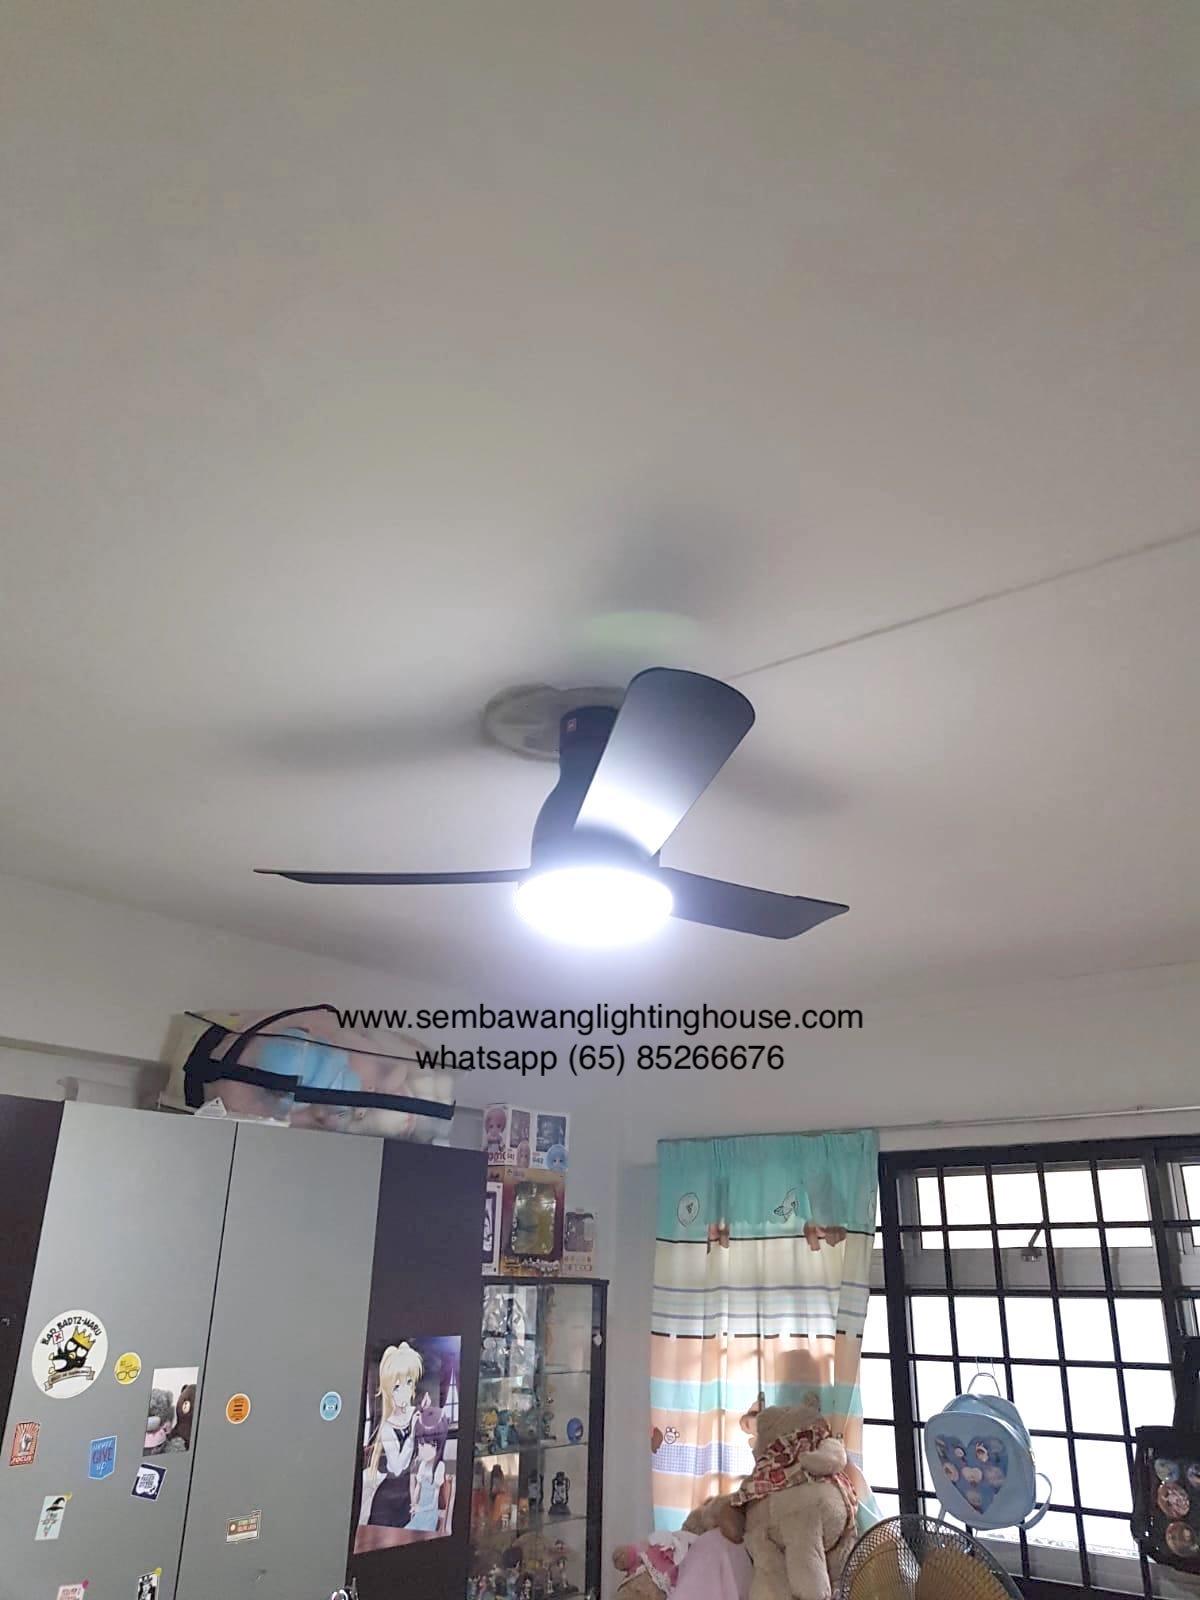 kdk-u48fp-black-ceiling-fan-sembawang-lighting-house-sample-16.jpg